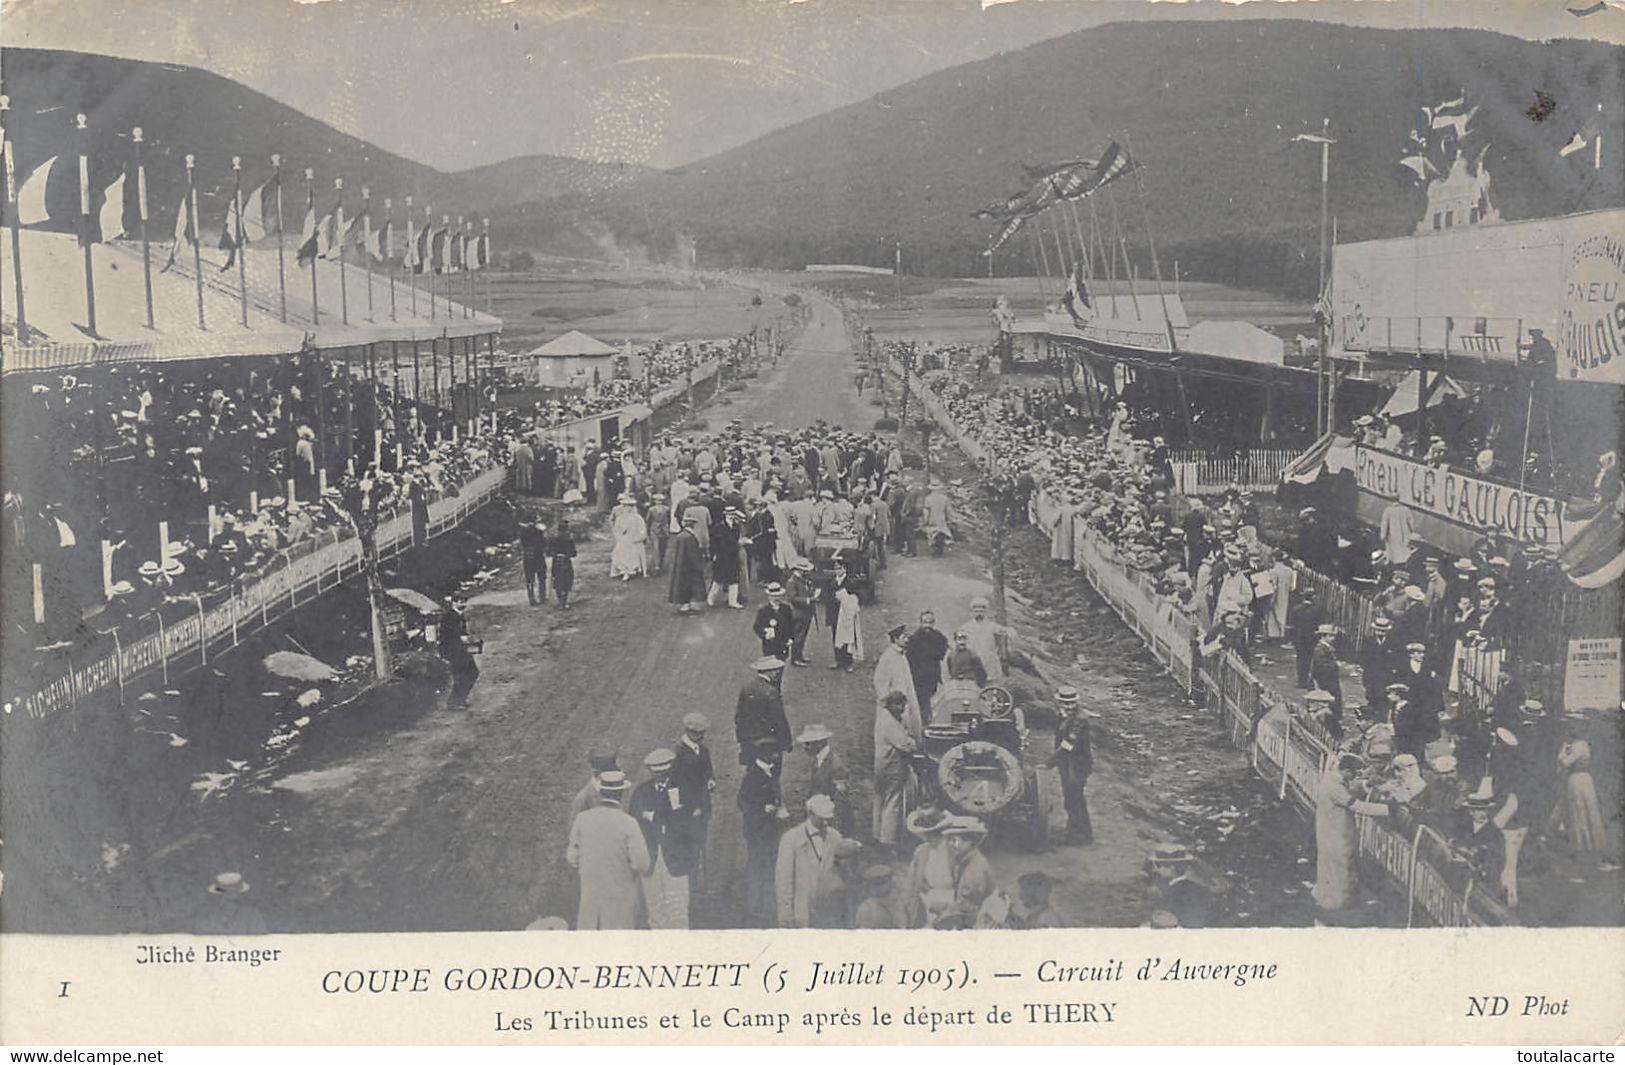 CPA  COUPE GORDON BENNETT CIRCUIT AUVERGNE LES TRIBUNES ET LE CAMP APRES LE DEPART DE THERY 5 Juillet 1905 - Grand Prix / F1